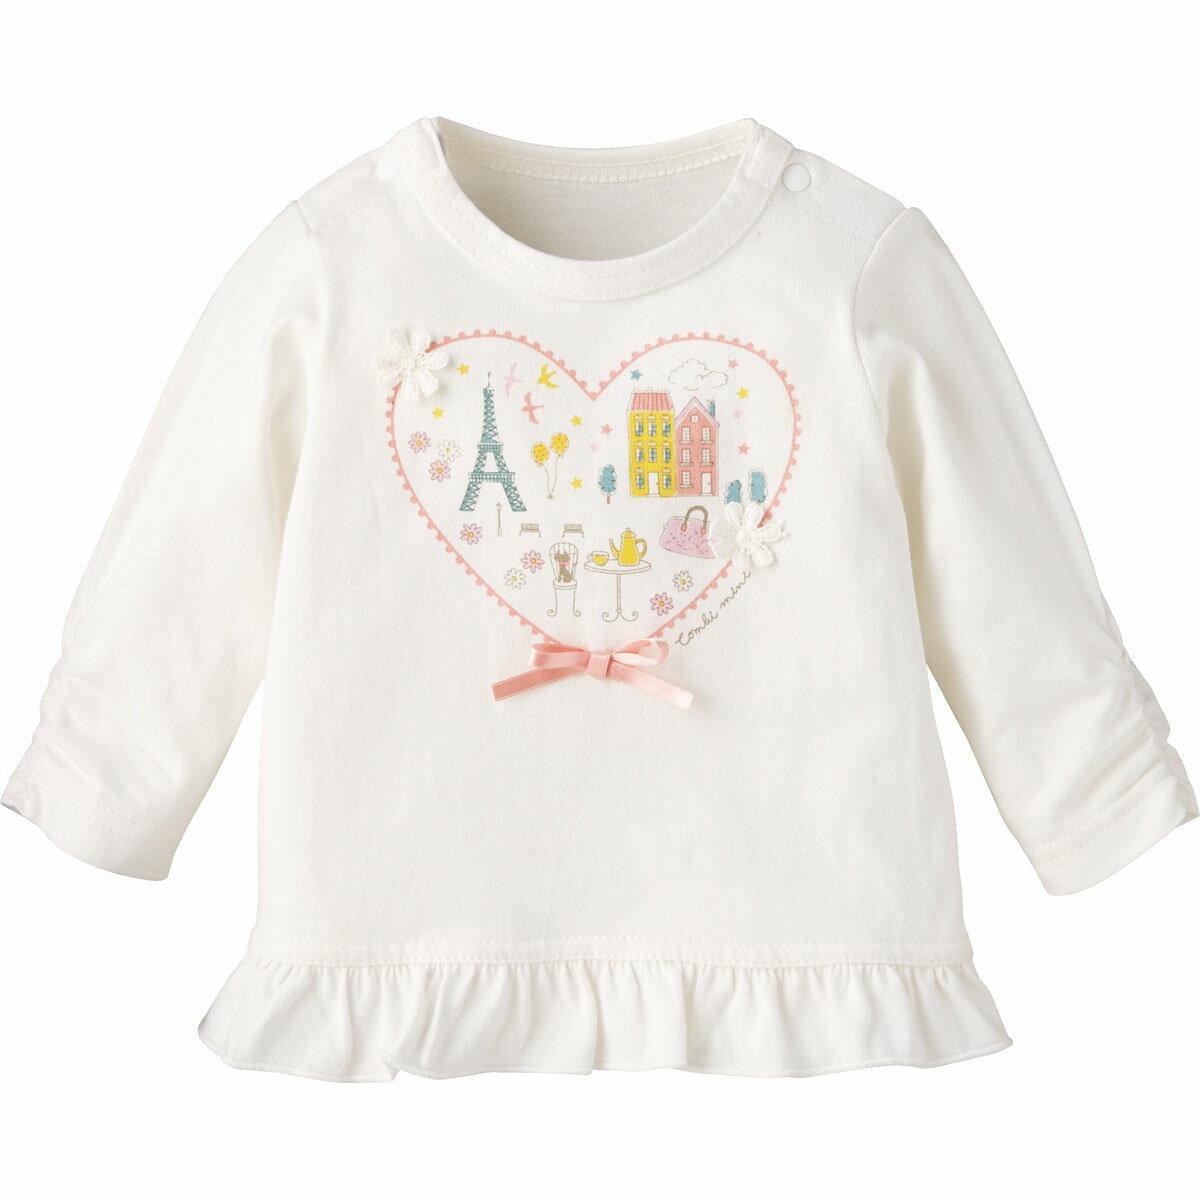 【40%OFF】Tシャツ(パリ){女の子}《コンビミニ》ギフト ベビー服 子供服 Combi mini ベビー 女の子 おでかけ 長袖 長そで ピンク ホワイト 白 Tシャツ _19ss_Pup